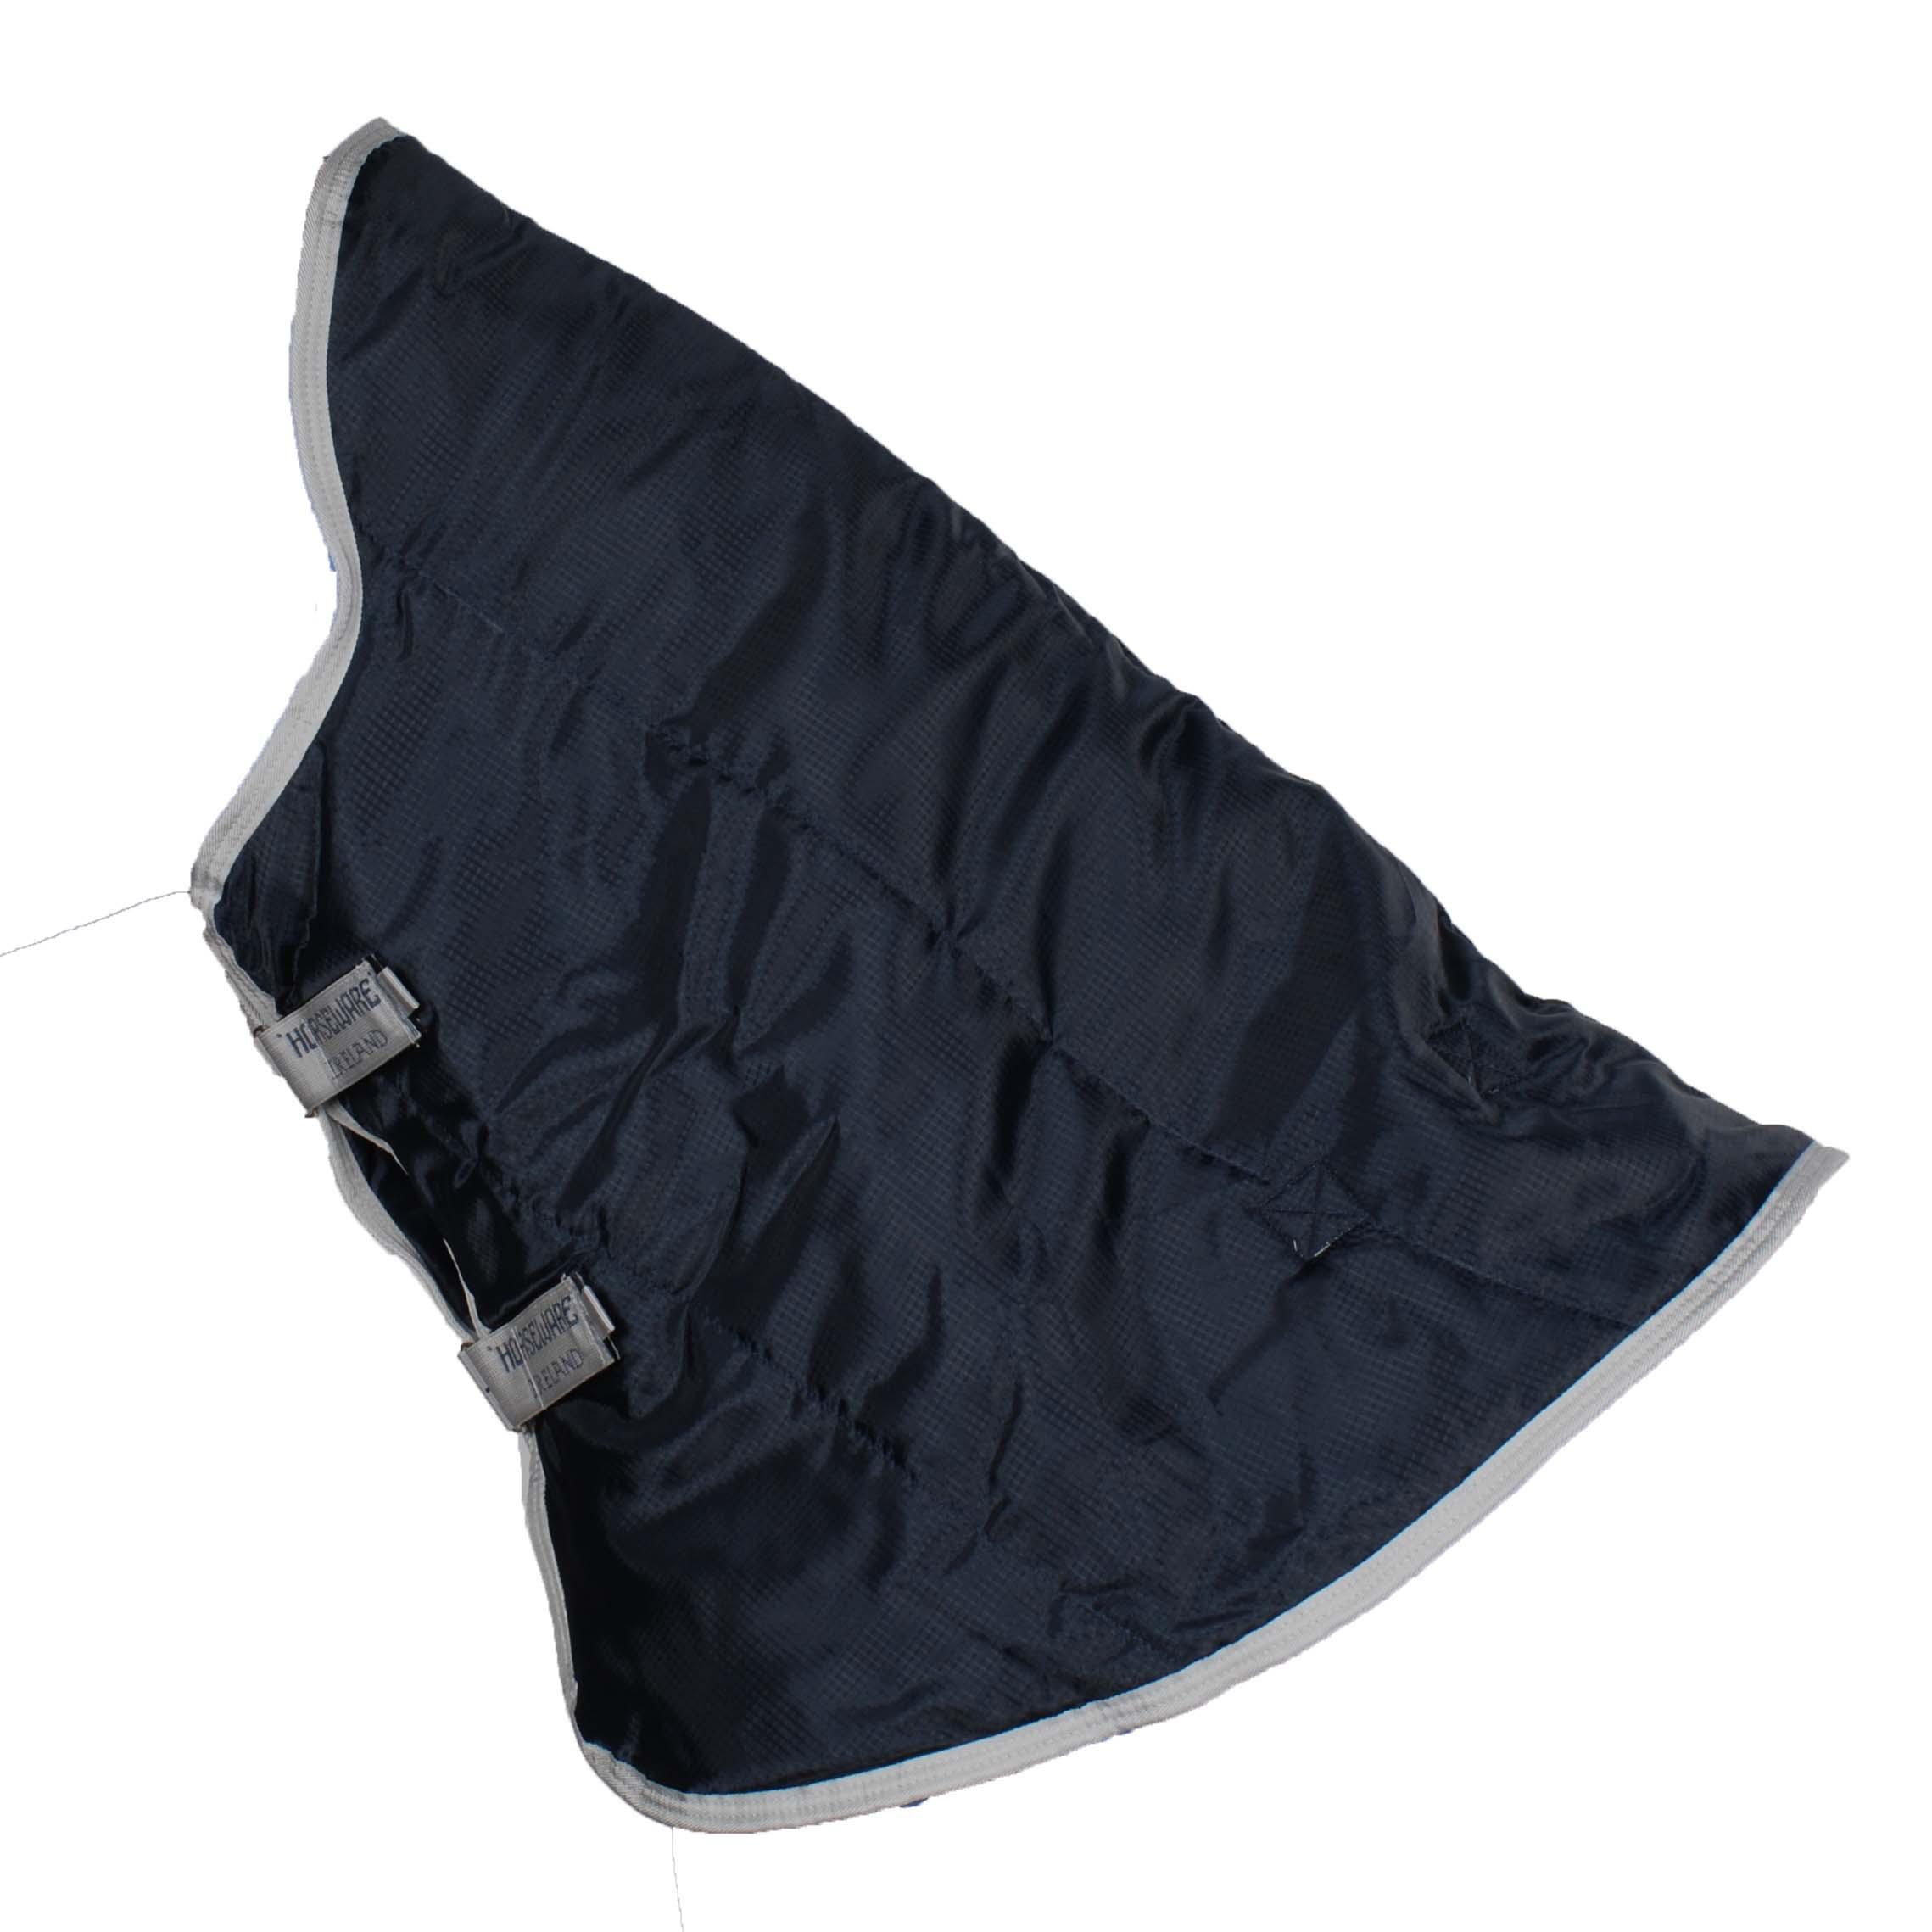 Amigo Insulator 150gr halsdeken donkerblauw maat:m